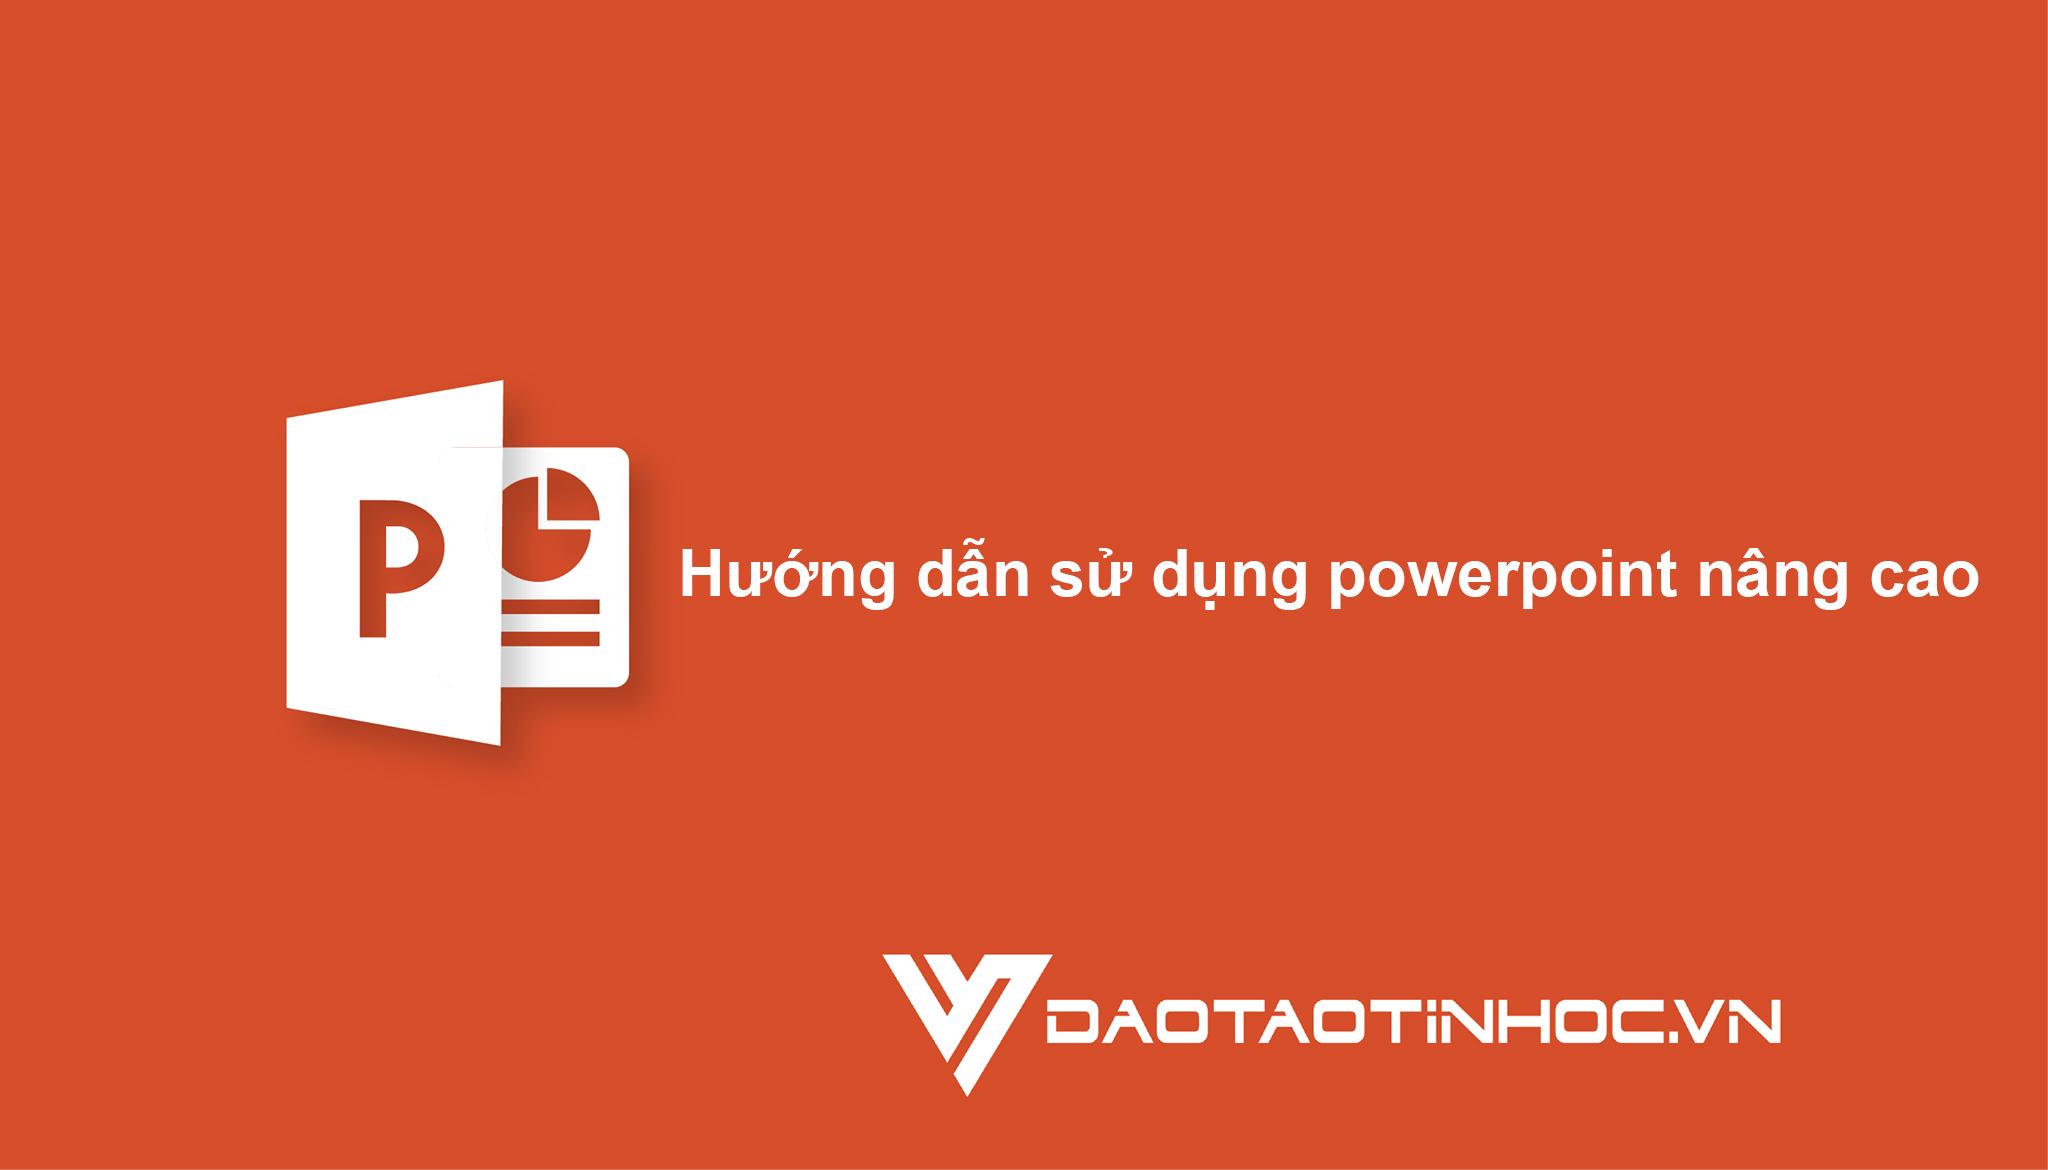 sử dụng powerpoint nâng cao